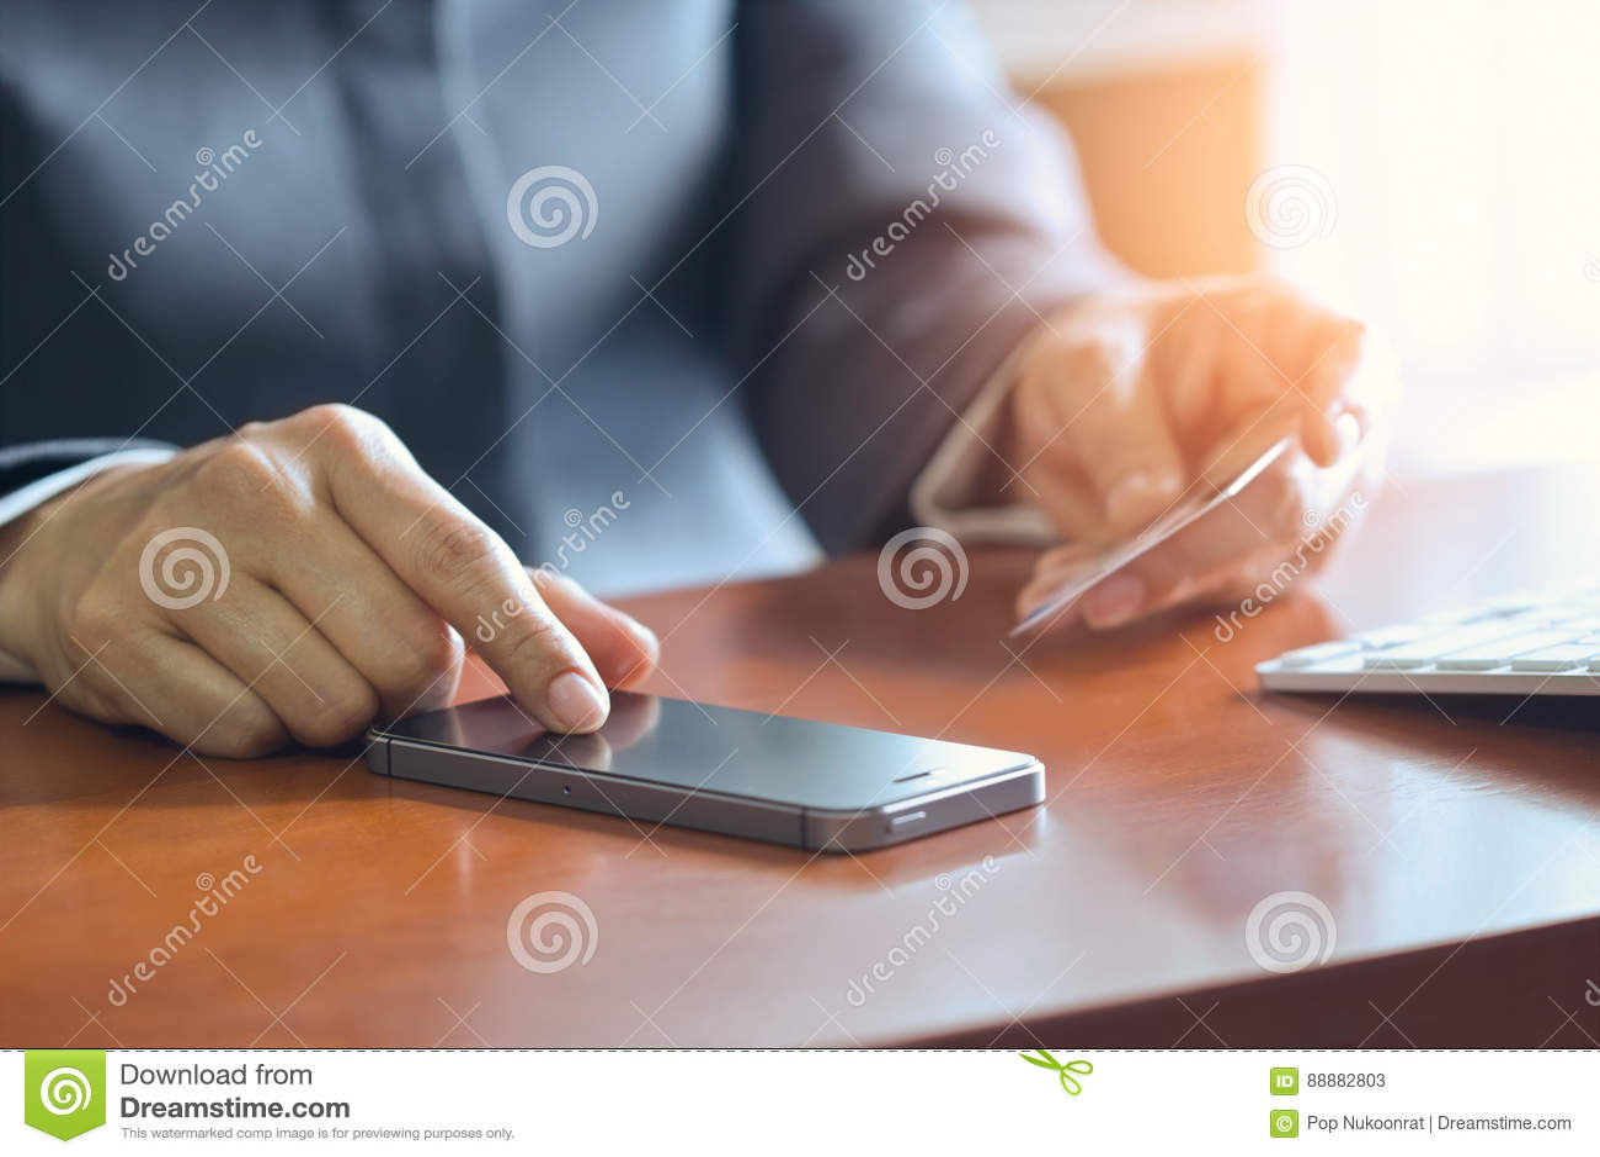 Передвижные оплаты, женские руки используя smartphone и кредитная карточка для онлайн покупок